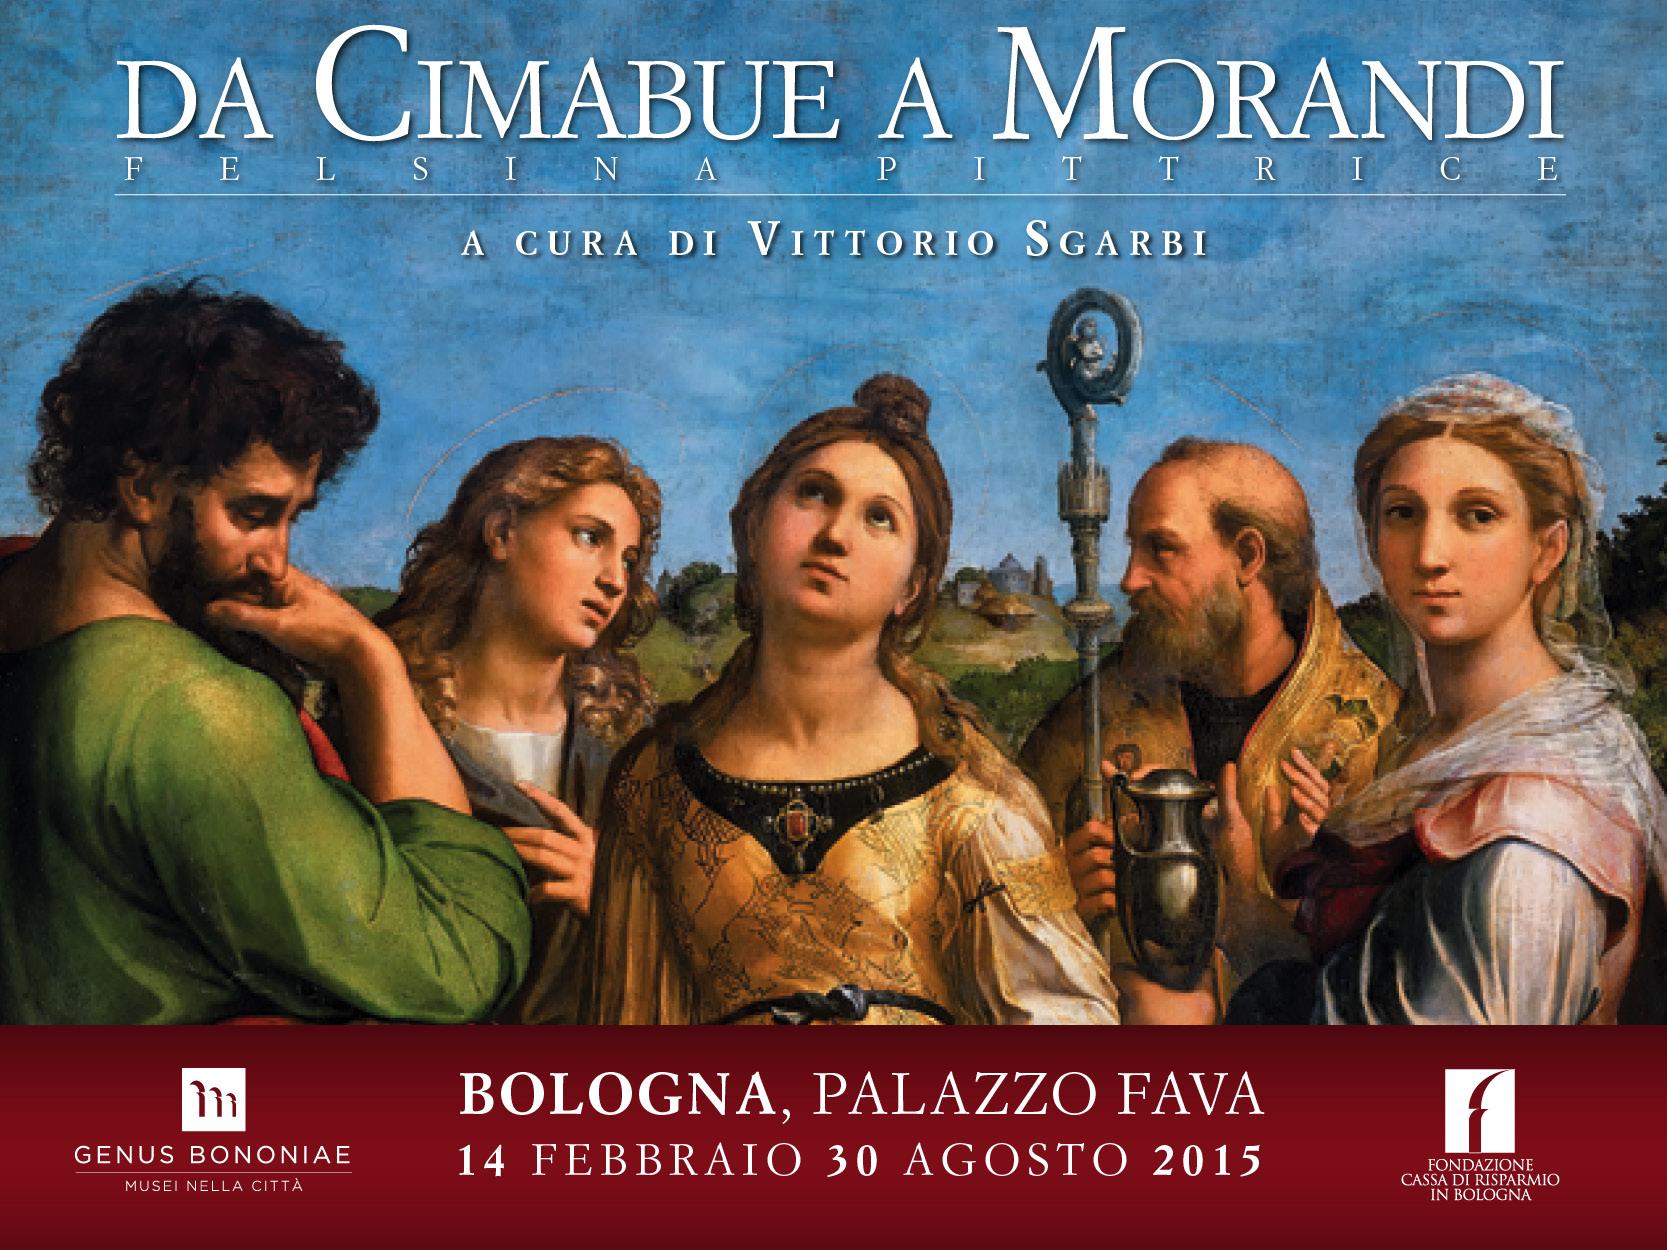 Da_Cimabue_a_Morandi